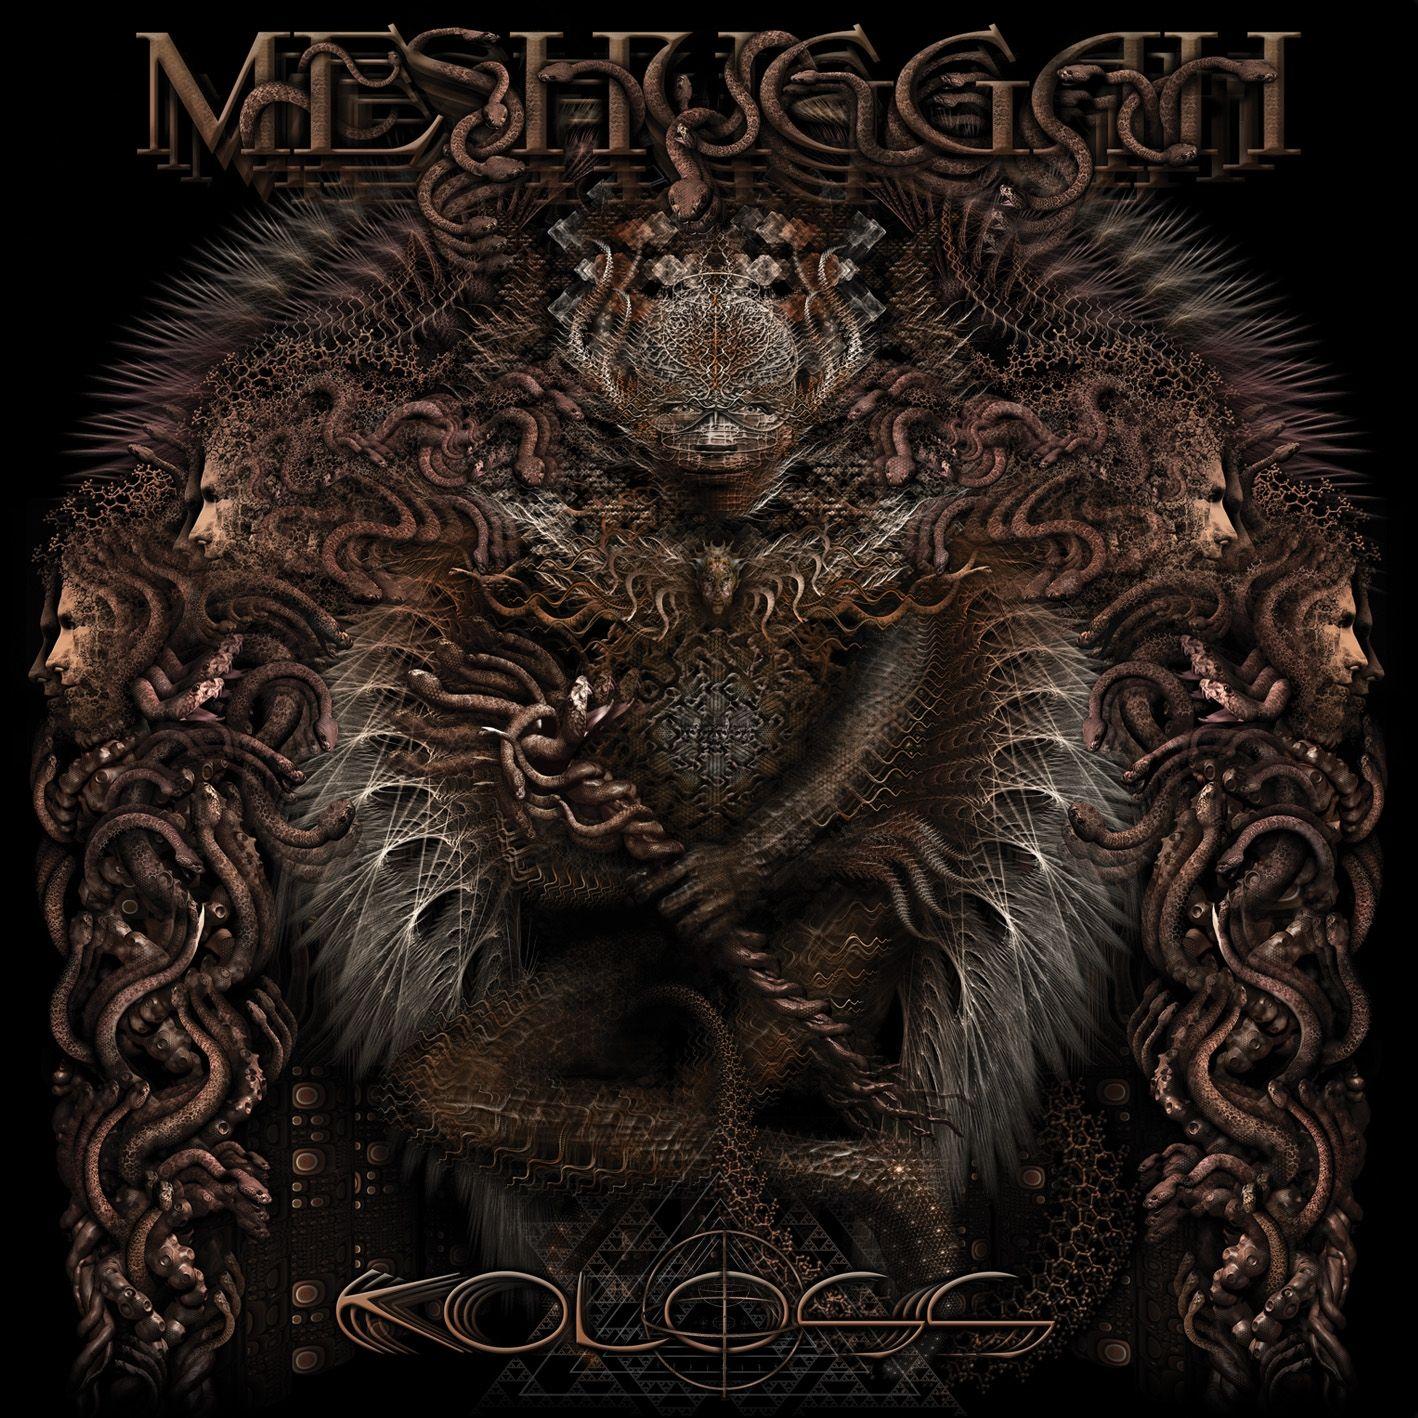 Meshuggah Koloss Metal Artwork Metal Albums Album Art